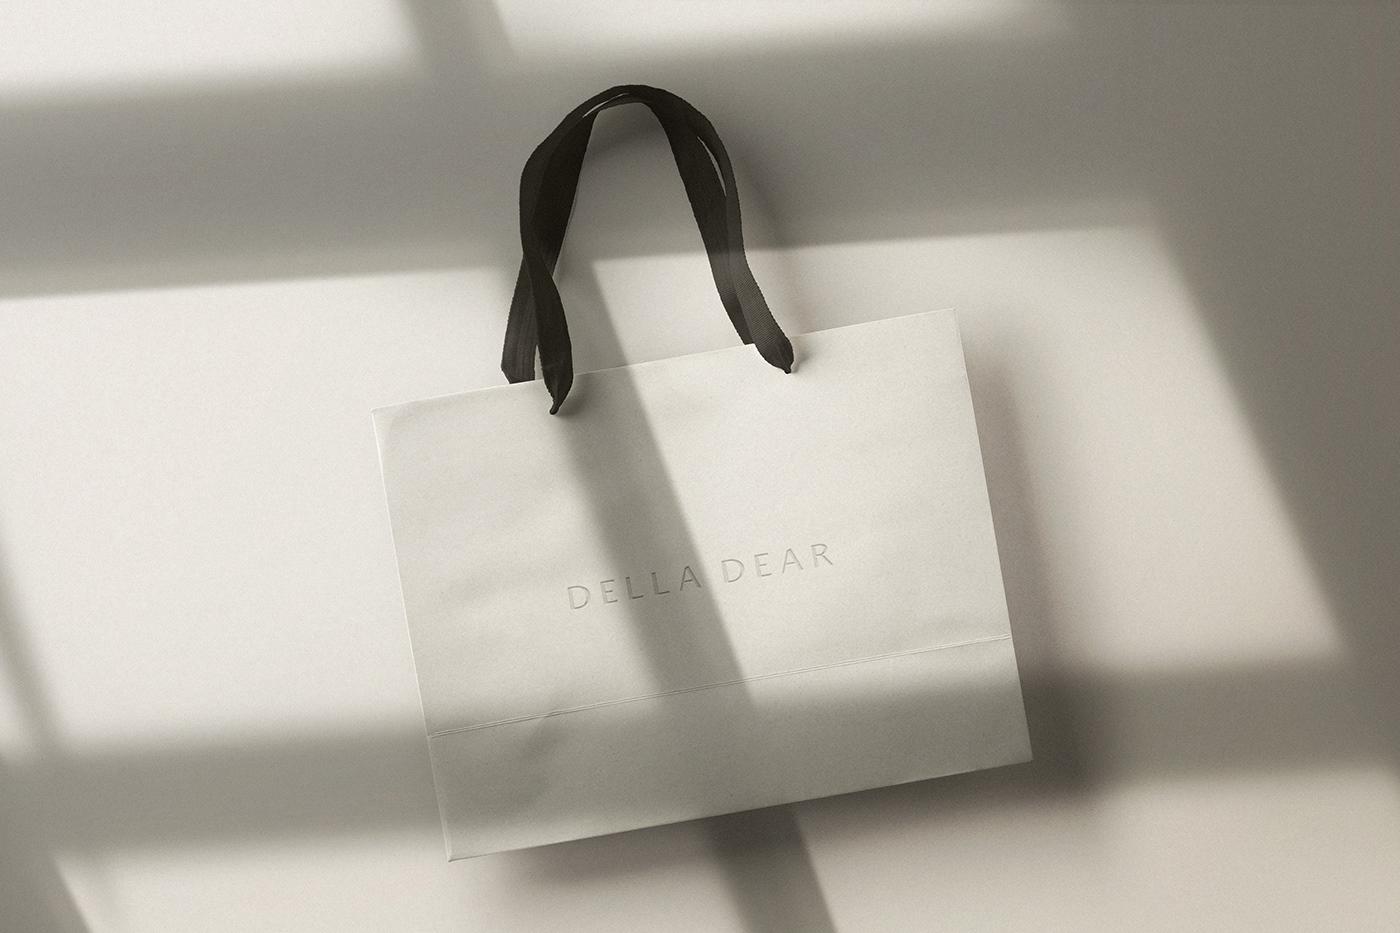 Image may contain: luggage and bags, handbag and box